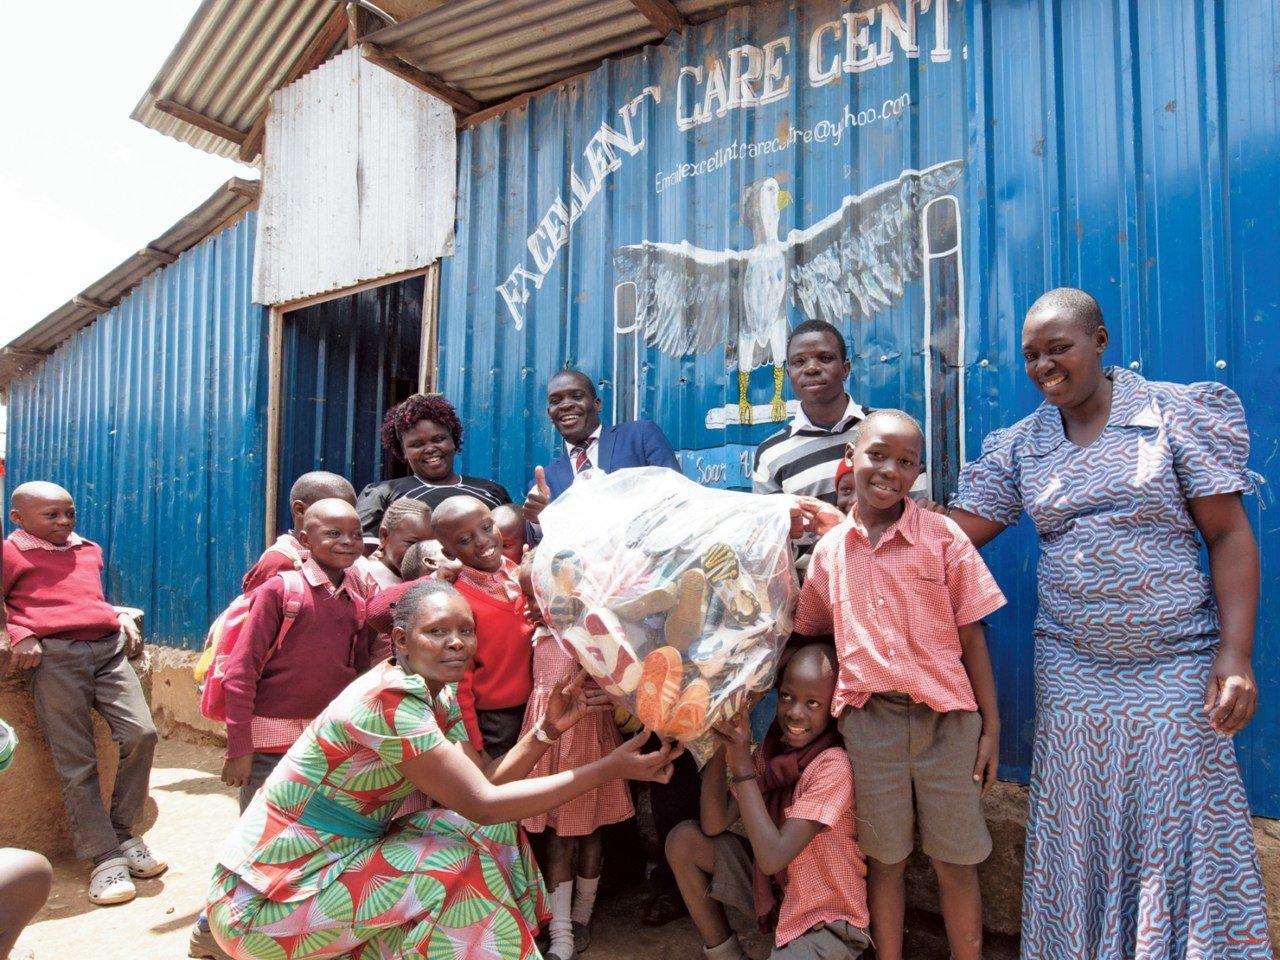 段ボールで250箱分のシューズが、ケニア・ナイロビに到着。